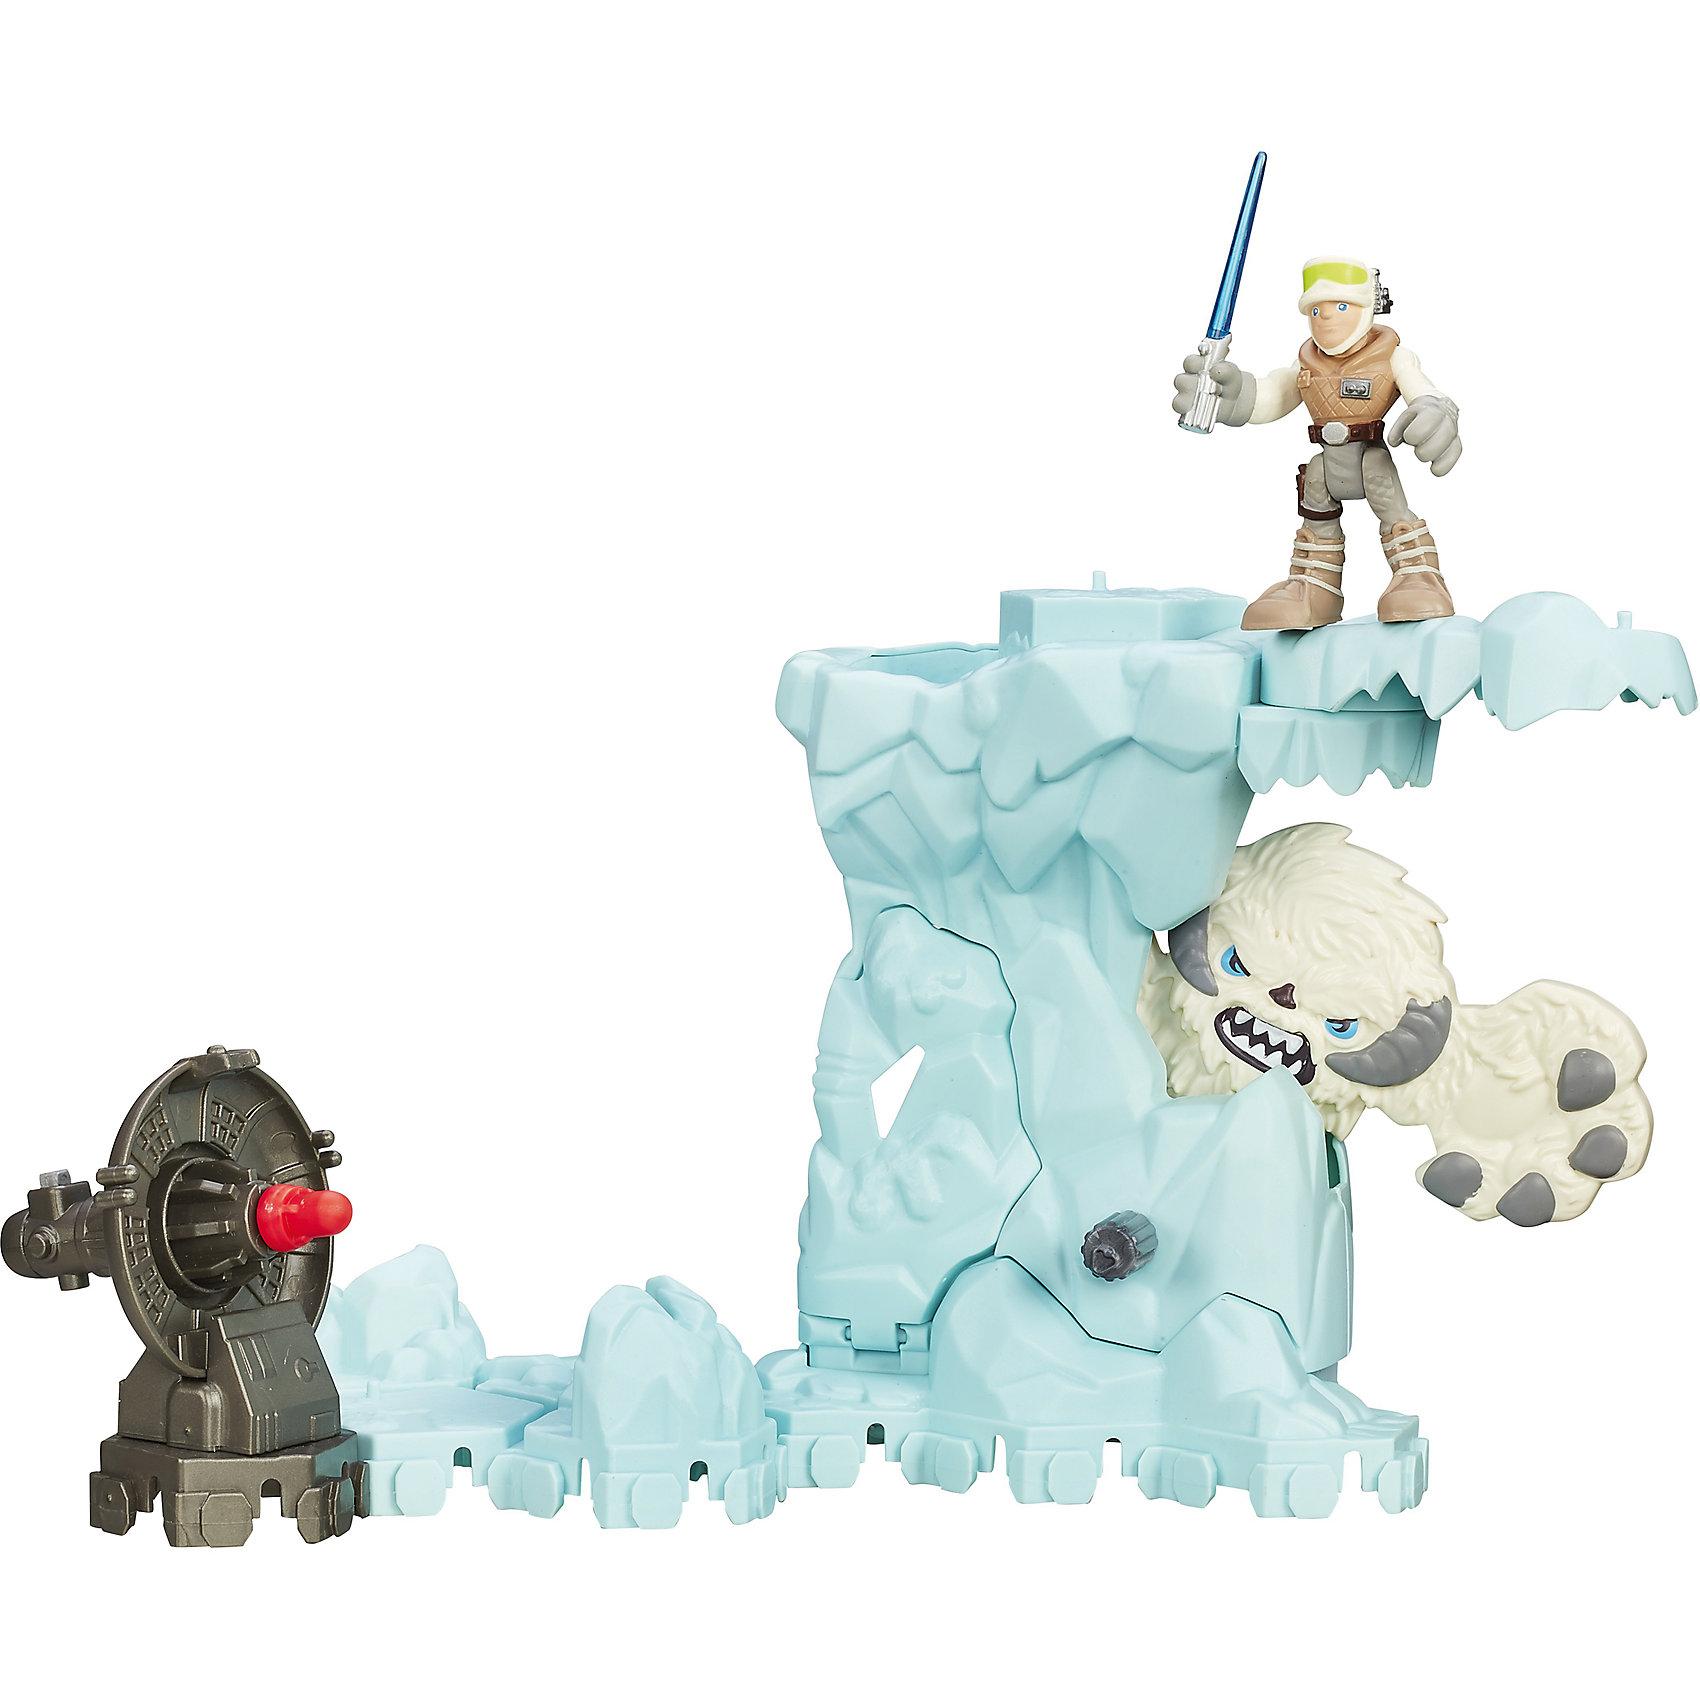 Набор Приключение, Звездные войны, PLAYSKOOL Heroes, B2031/B2030Игровые наборы фигурок<br>Набор Приключение порадует самых юных поклонников известной киносаги Star Wars. Помоги Люку Скайуокеру преодолеть грозного Вампу в ледяной пещере. Если покрутить колесо, чудовище выползет из укрытия - выстрели в него из мощного пулемета или порази световым мечом.<br>Все детали набора выполнены из высококачественного экологичного пластика с применением безопасных красителей.<br><br>Дополнительная информация:<br><br>- Материал: пластик.<br>- Размер упаковки: 20, 25,4х8 см.<br>- Высота фигурки Люка Скайуокера: 5 см. <br>- Комплектация: ледяная стена, фигурка Люка Скайуокера, фигурка Вампы, оружие, снаряд.<br>- Фигурка с подвижными конечностями. <br><br>Набор Приключение, Звездные войны, PLAYSKOOL Heroes, можно купить в нашем магазине.<br><br>Ширина мм: 81<br>Глубина мм: 254<br>Высота мм: 203<br>Вес г: 549<br>Возраст от месяцев: 36<br>Возраст до месяцев: 84<br>Пол: Мужской<br>Возраст: Детский<br>SKU: 4563931